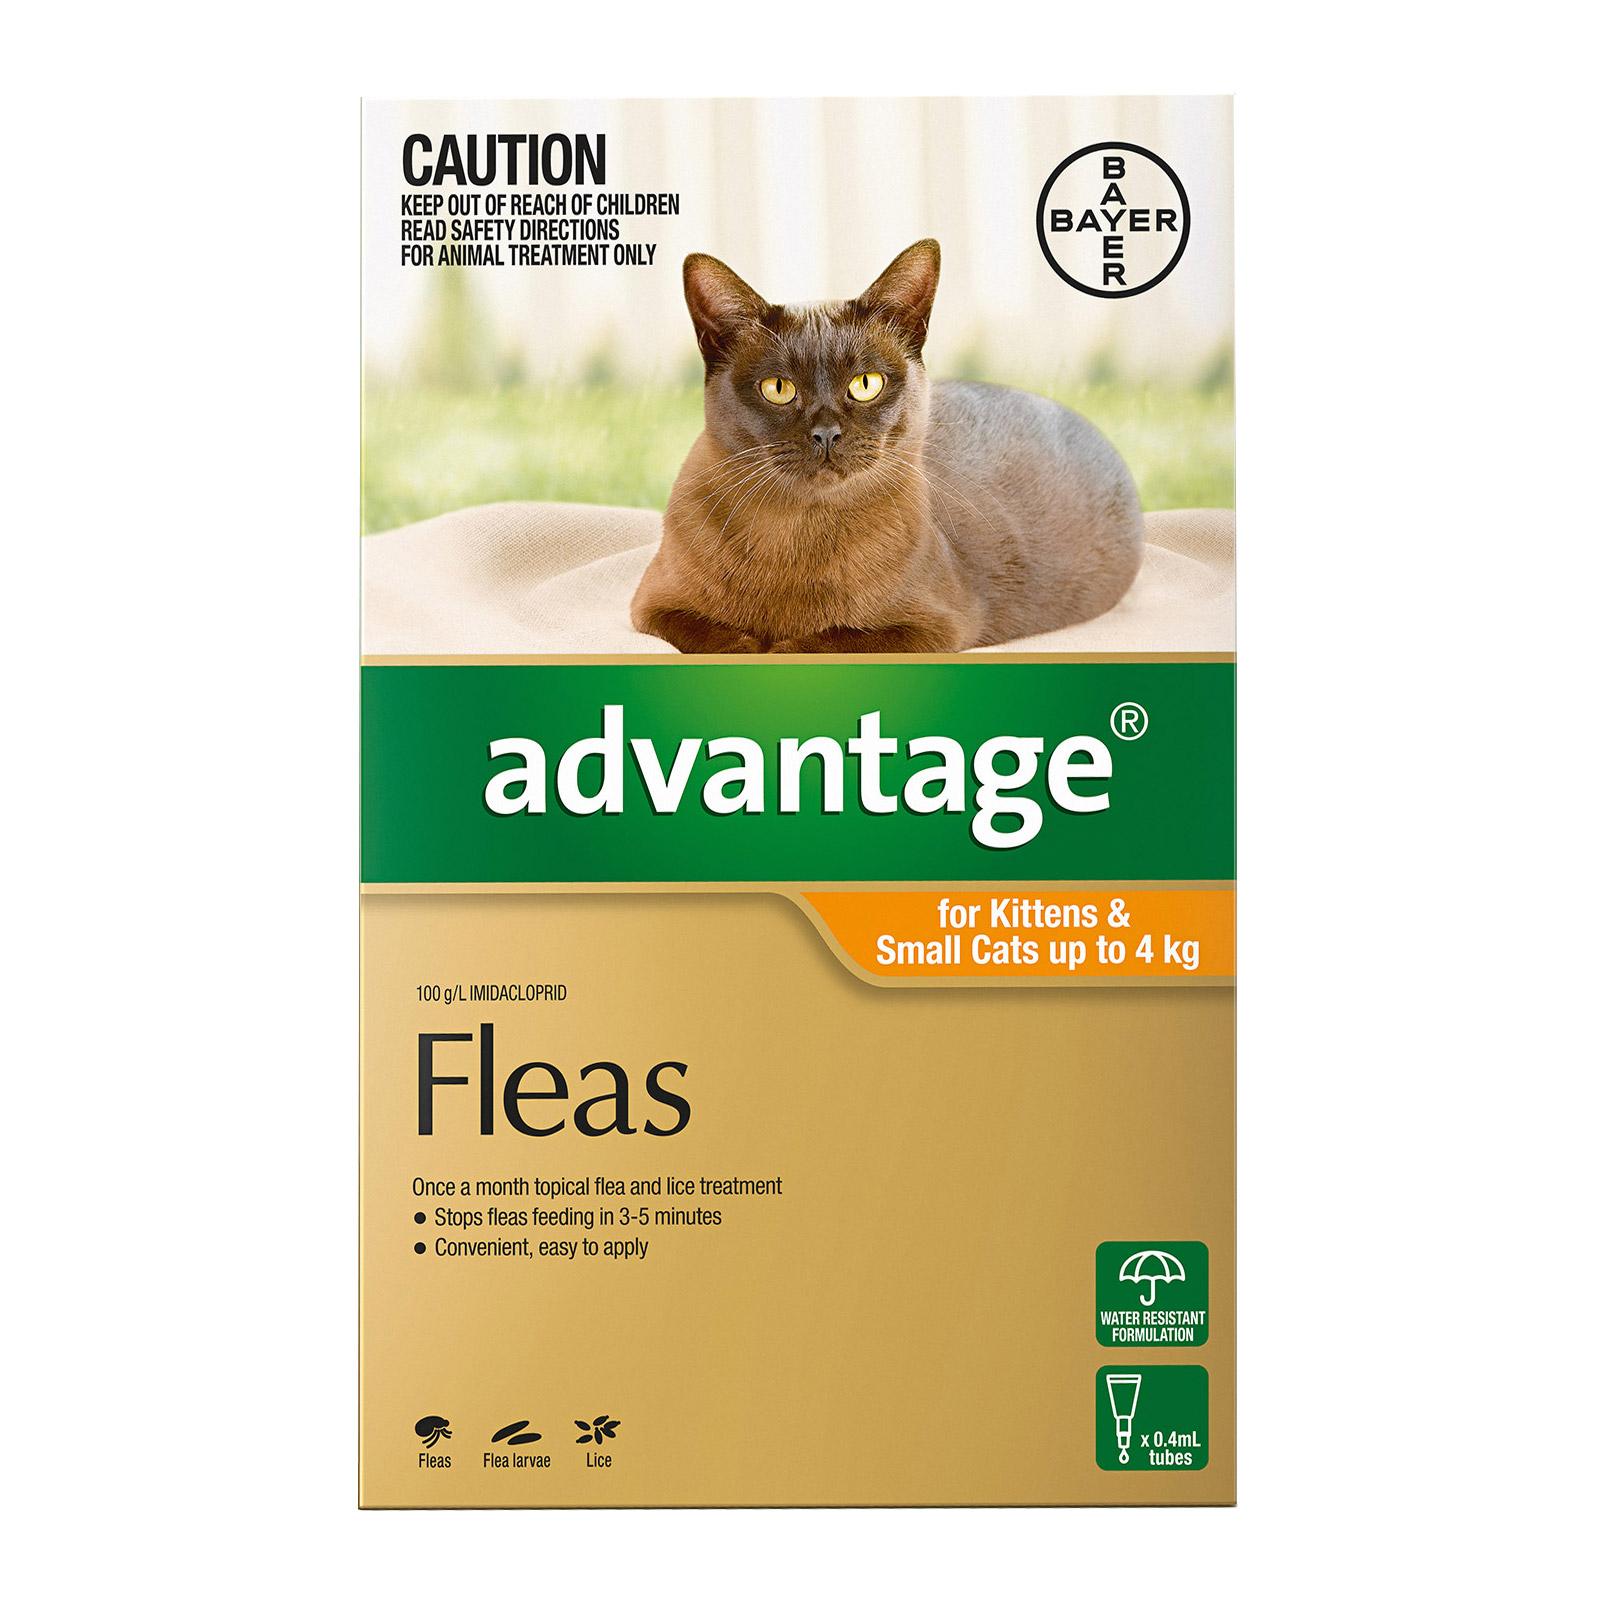 22 unique cat fur patterns